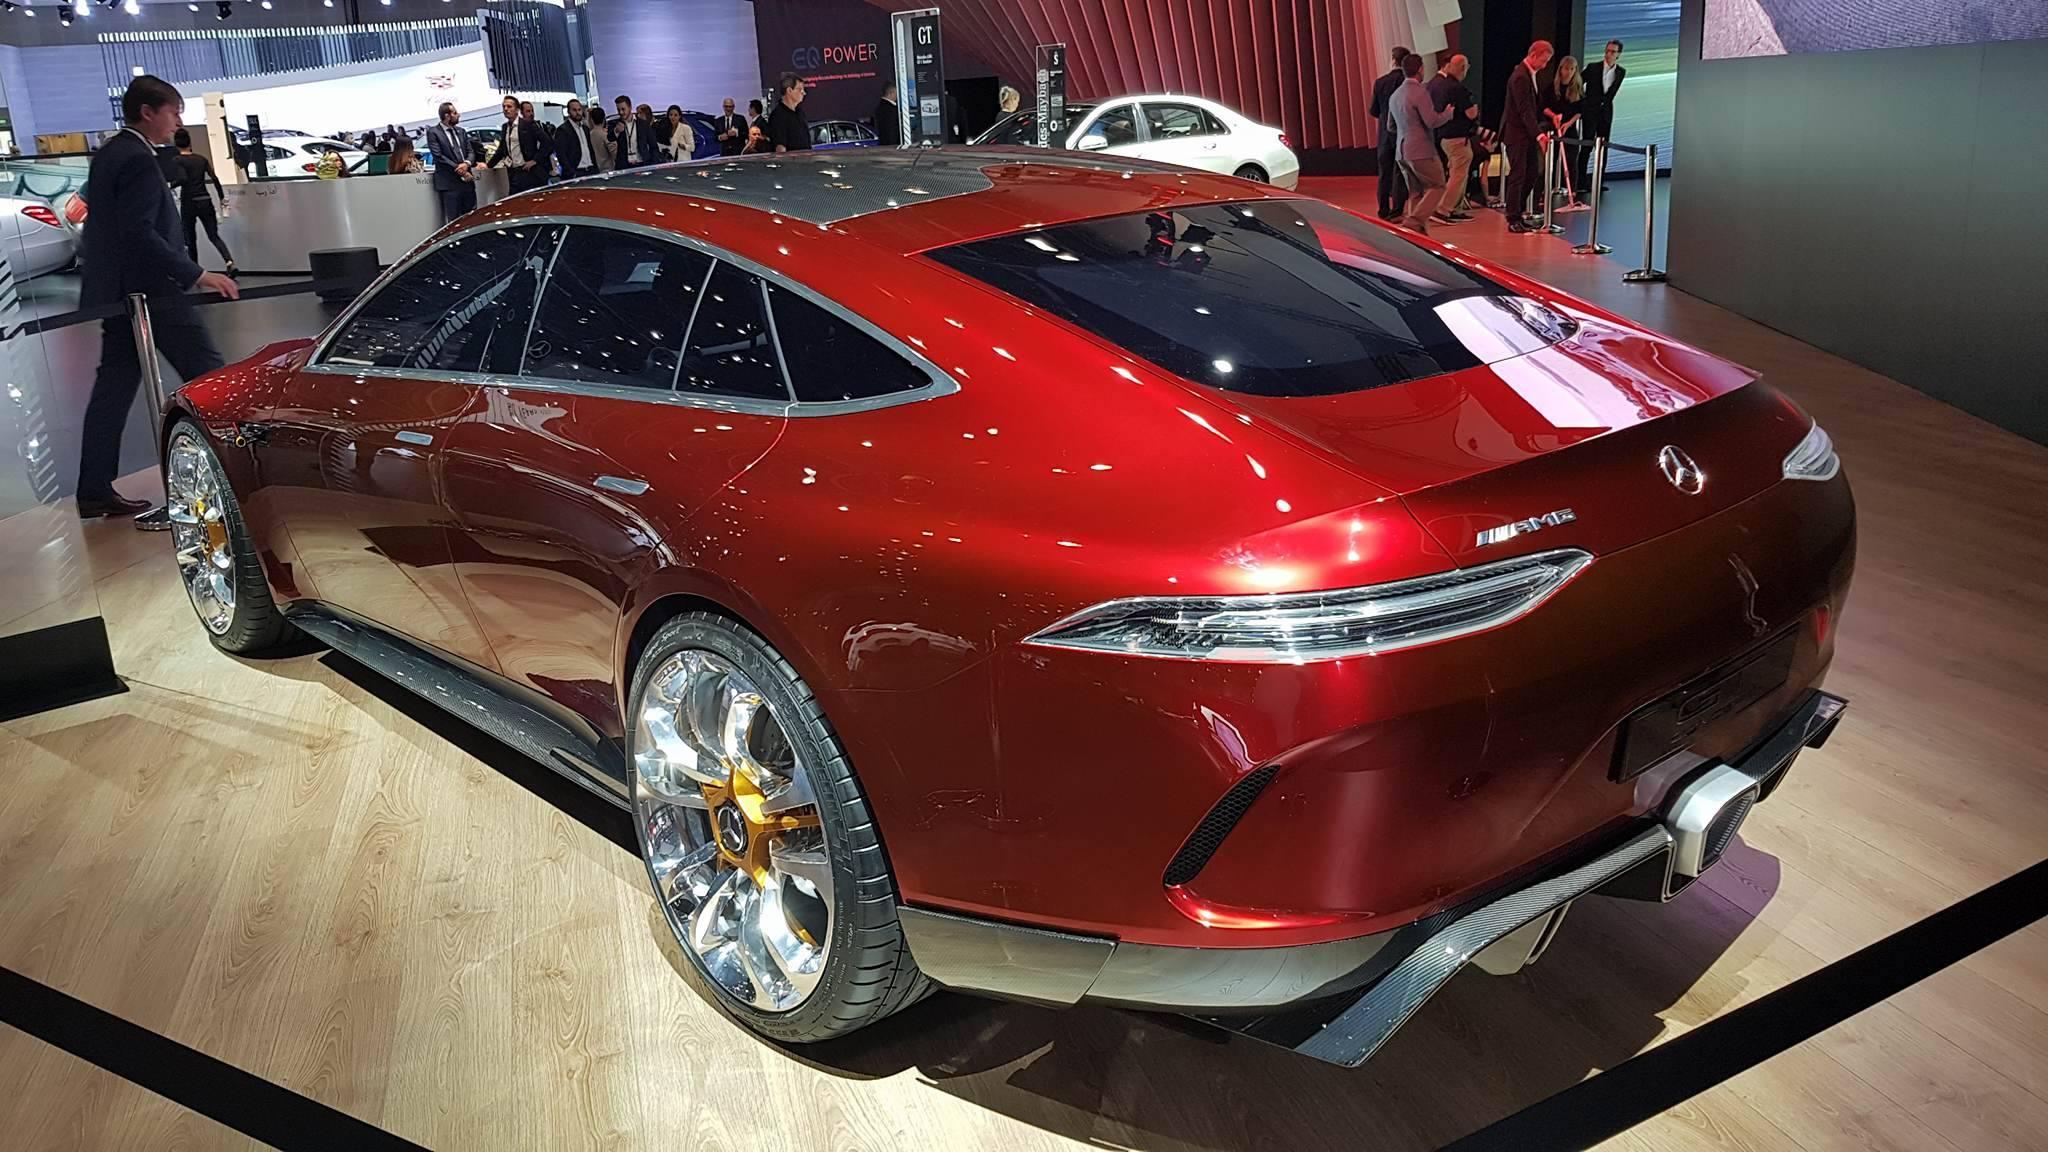 أحدث إنتاجات مرسيدس بنز وأكثرها جمالا في معرض دبي للسيارات